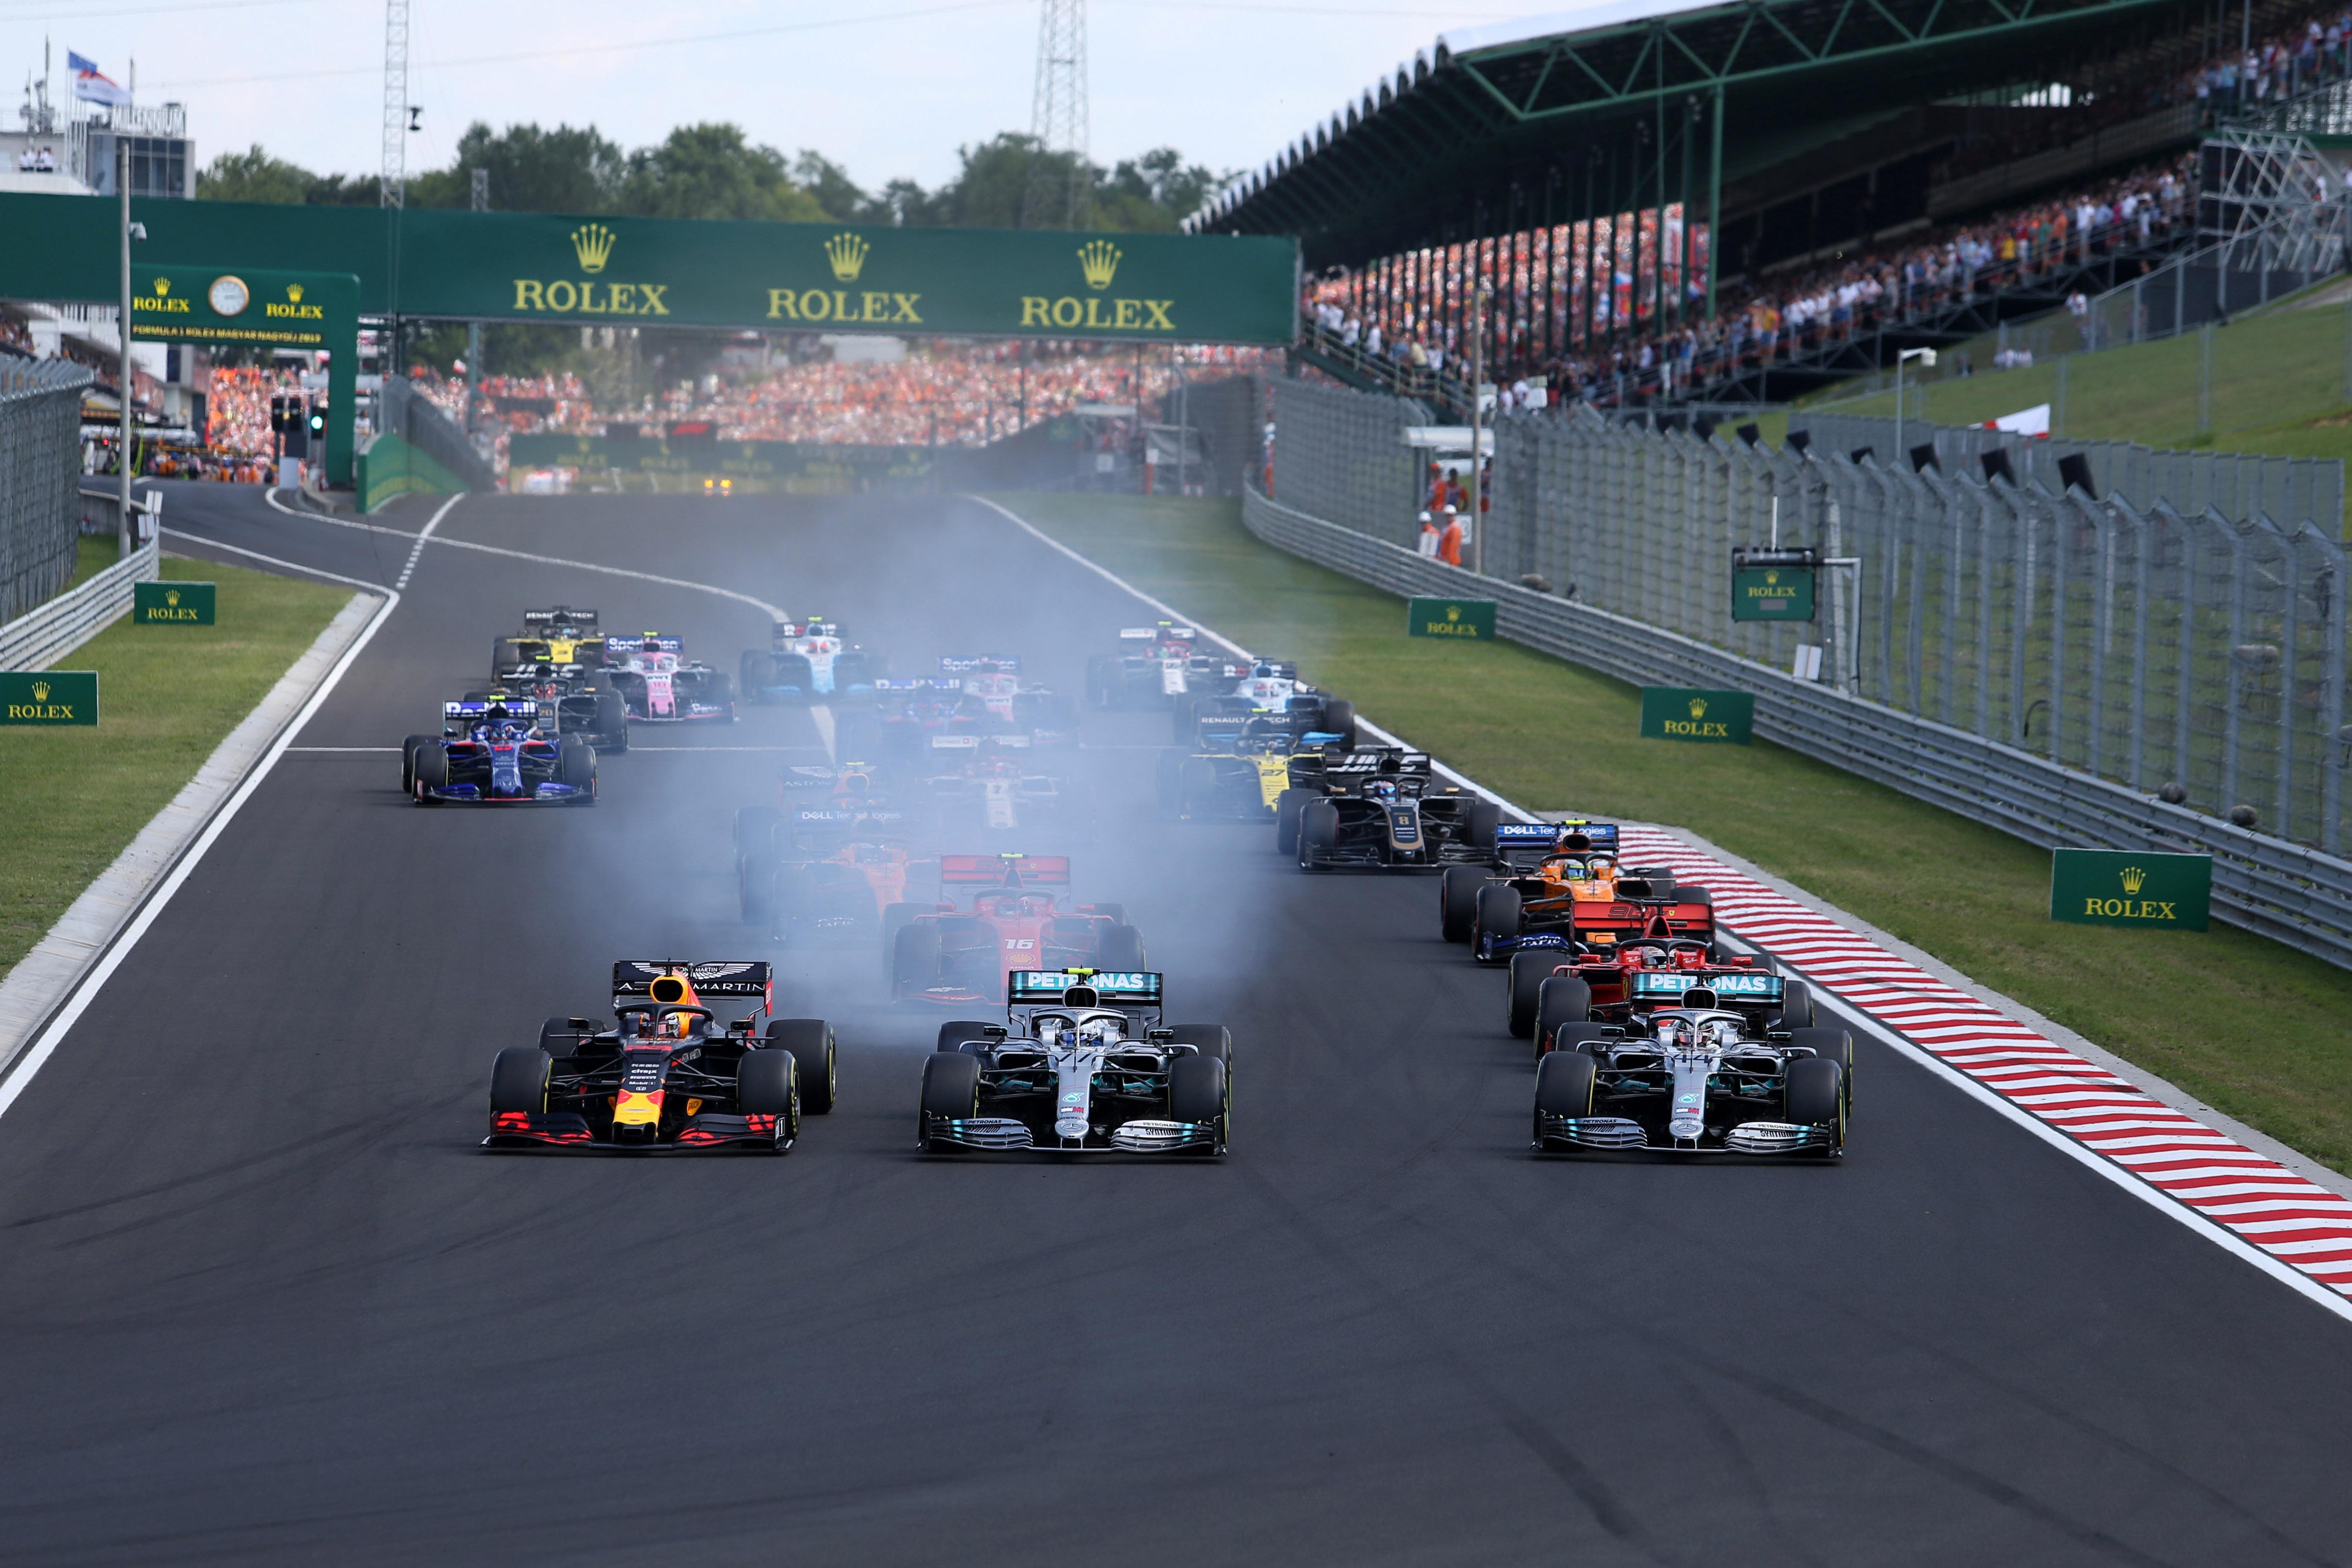 Calendario F1 2020 Tv8.Formula 1 F1 2020 Svelato Il Calendario Ufficiale Della